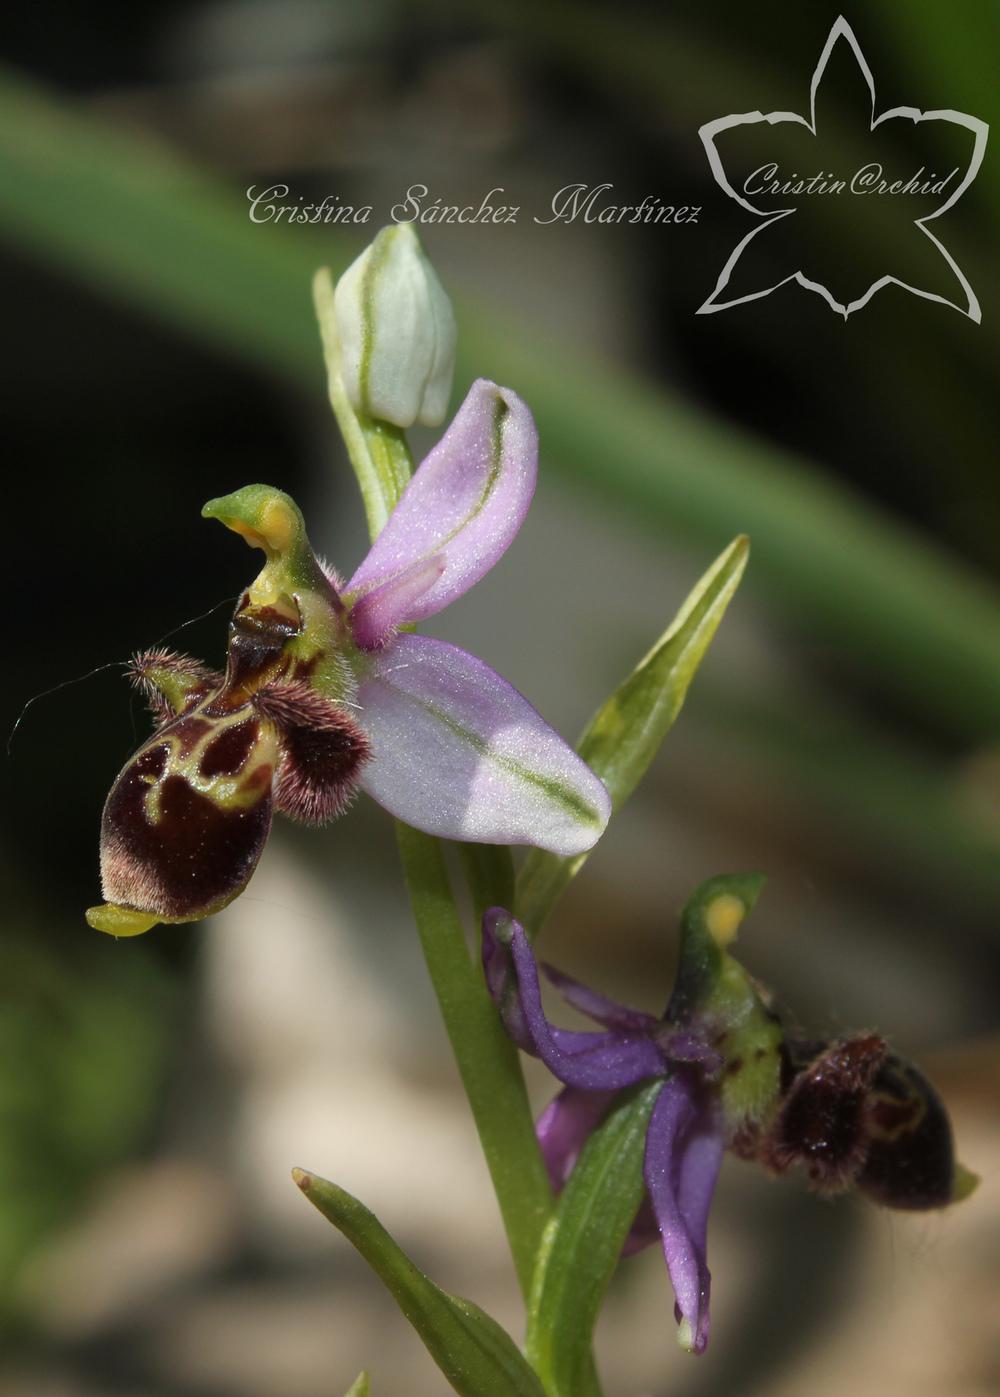 Cristina Sánchez Martínez - Ophrys scolopax